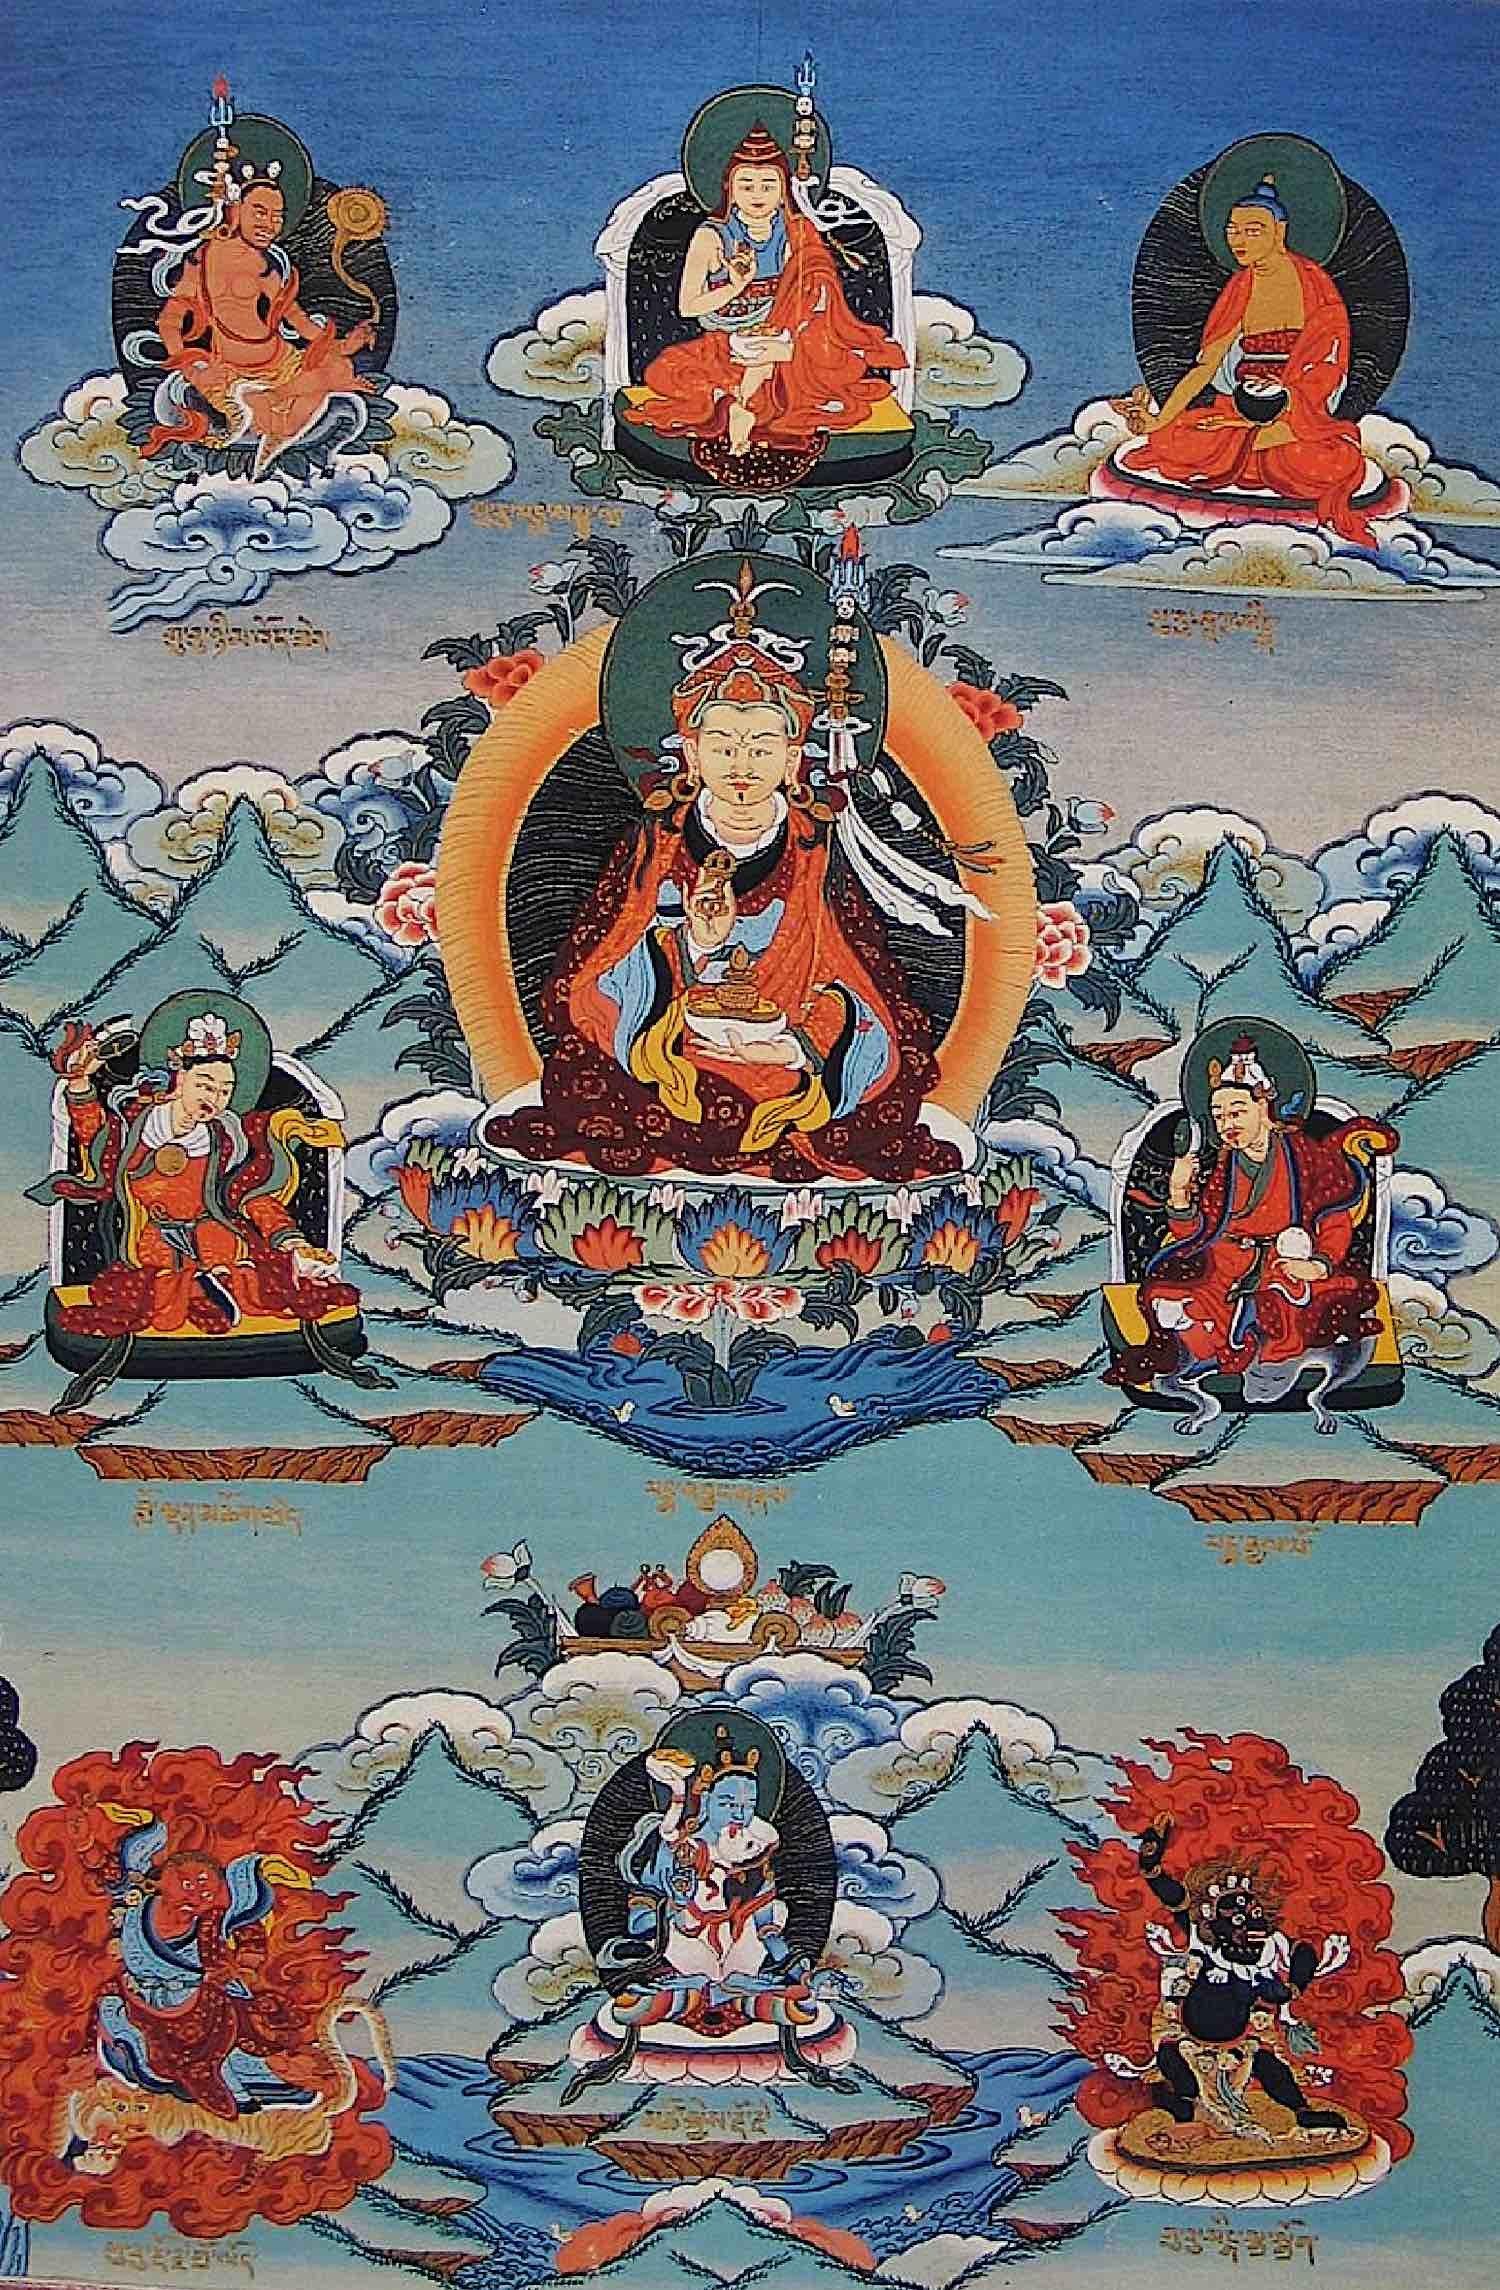 Buddha Weekly Eight main manifestations of Guru Rinpoche Padmasambhava Himilayan Art Buddhism